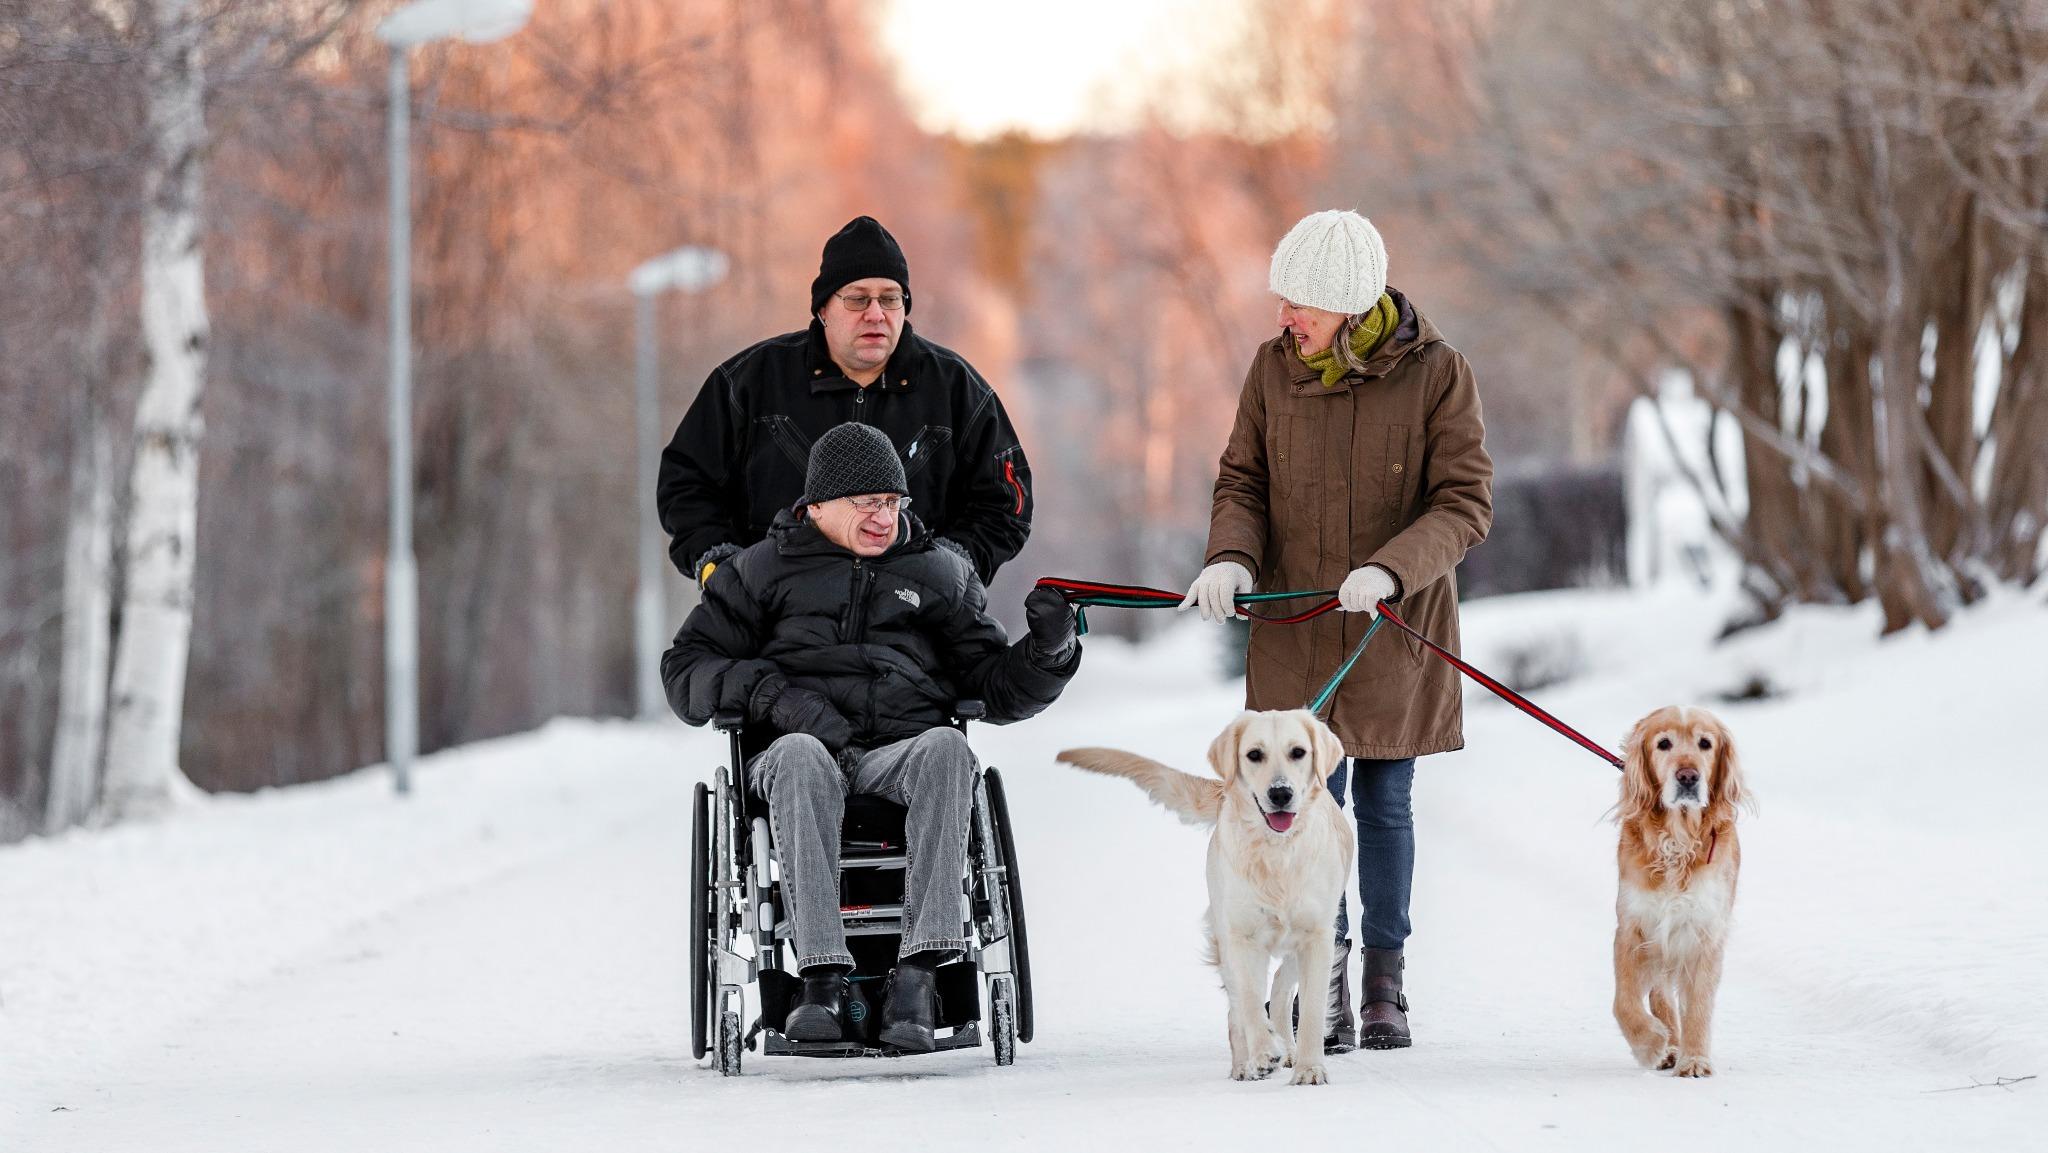 en man sittandes i rullstol håller i koppel till två hundar. En kvinna håller också i kopplen och en man skjuter rullstolen framåt i ett vinterlandskap.